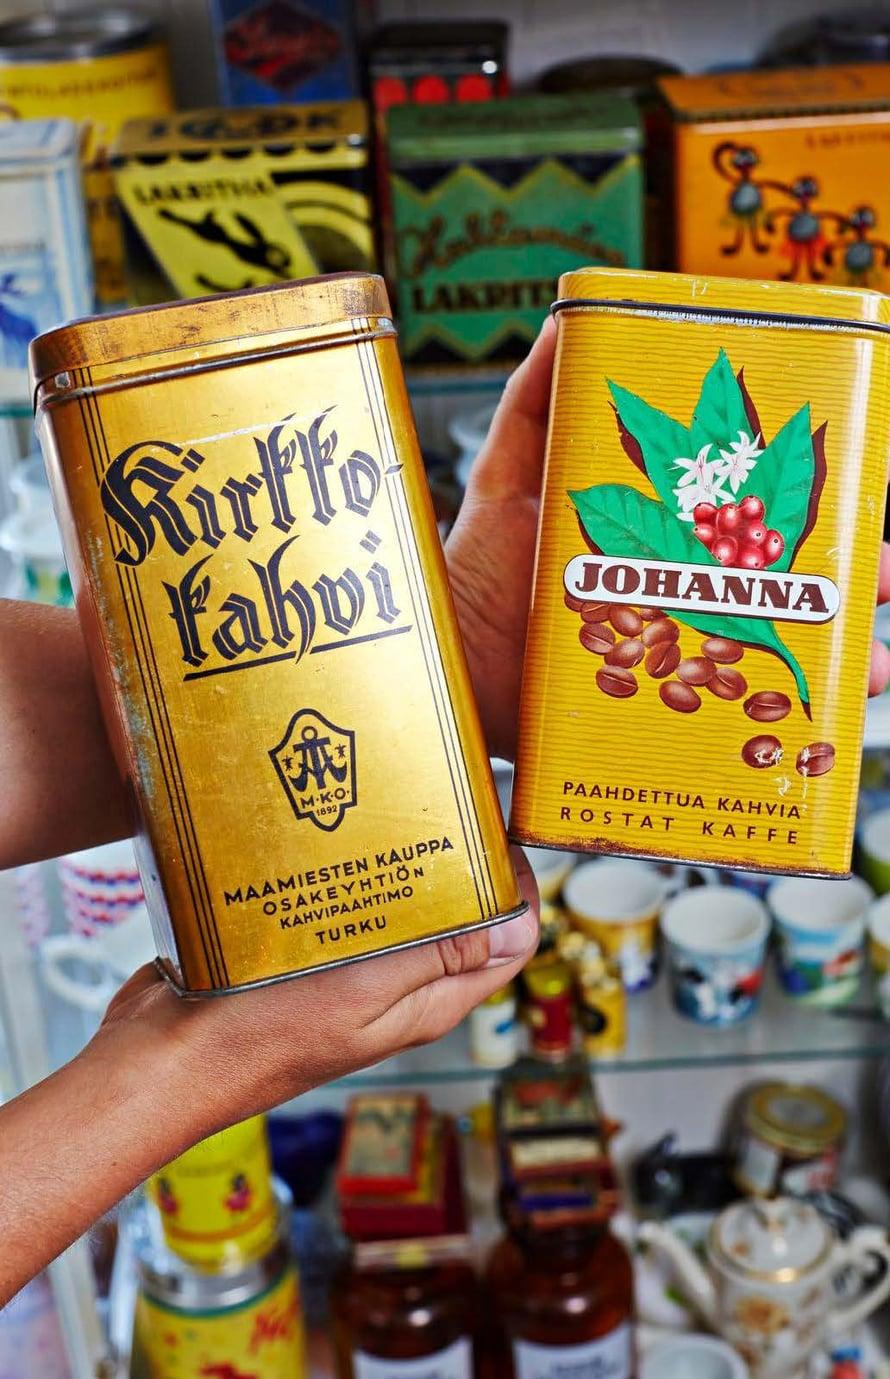 Kirkkokahvi- ja Johanna-kahvipurkit ovat haluttuja vintage-esineitä.